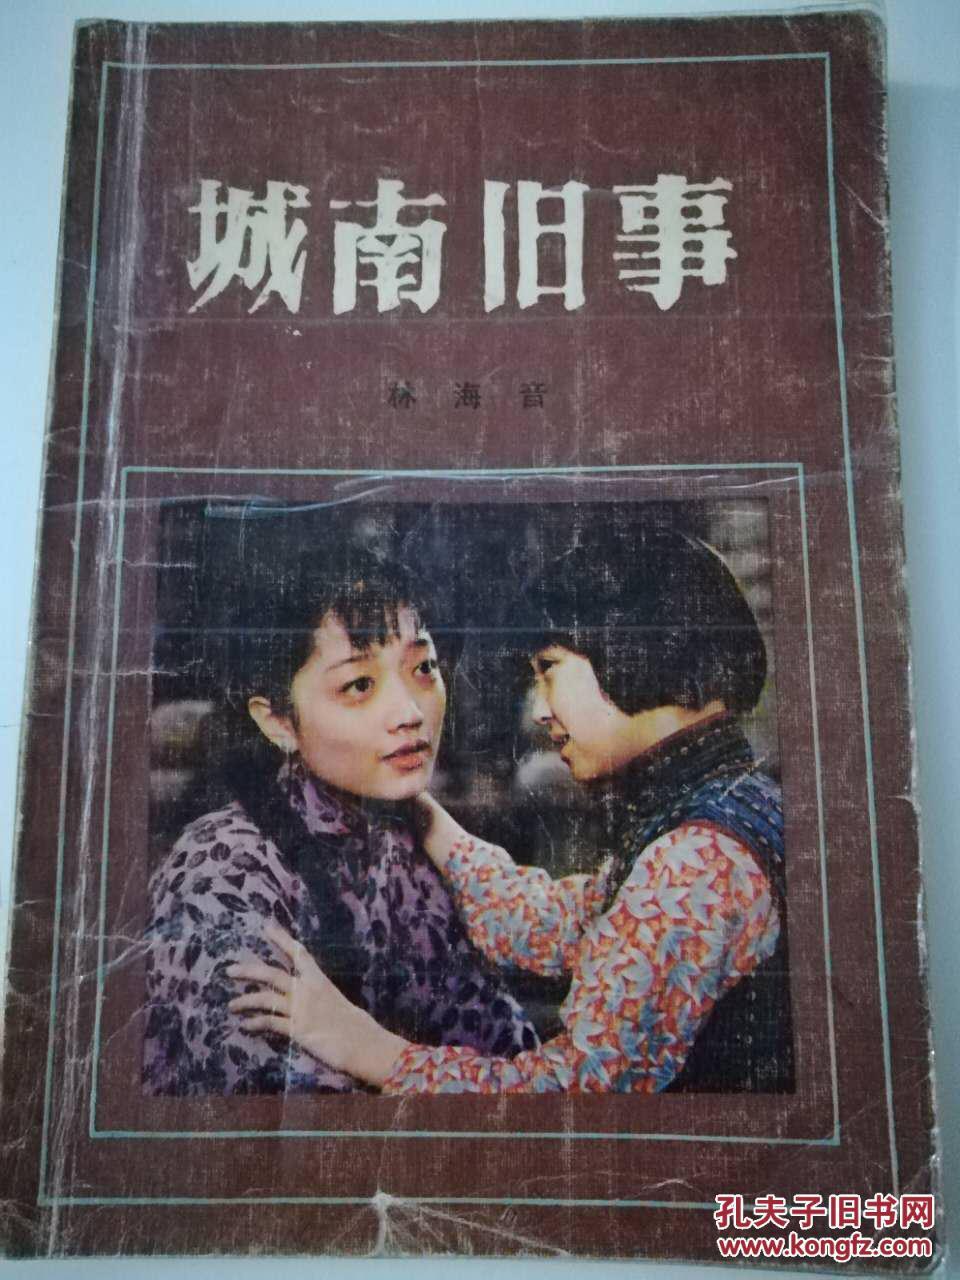 城南旧事 林海音 花城出版社 一版一印图片